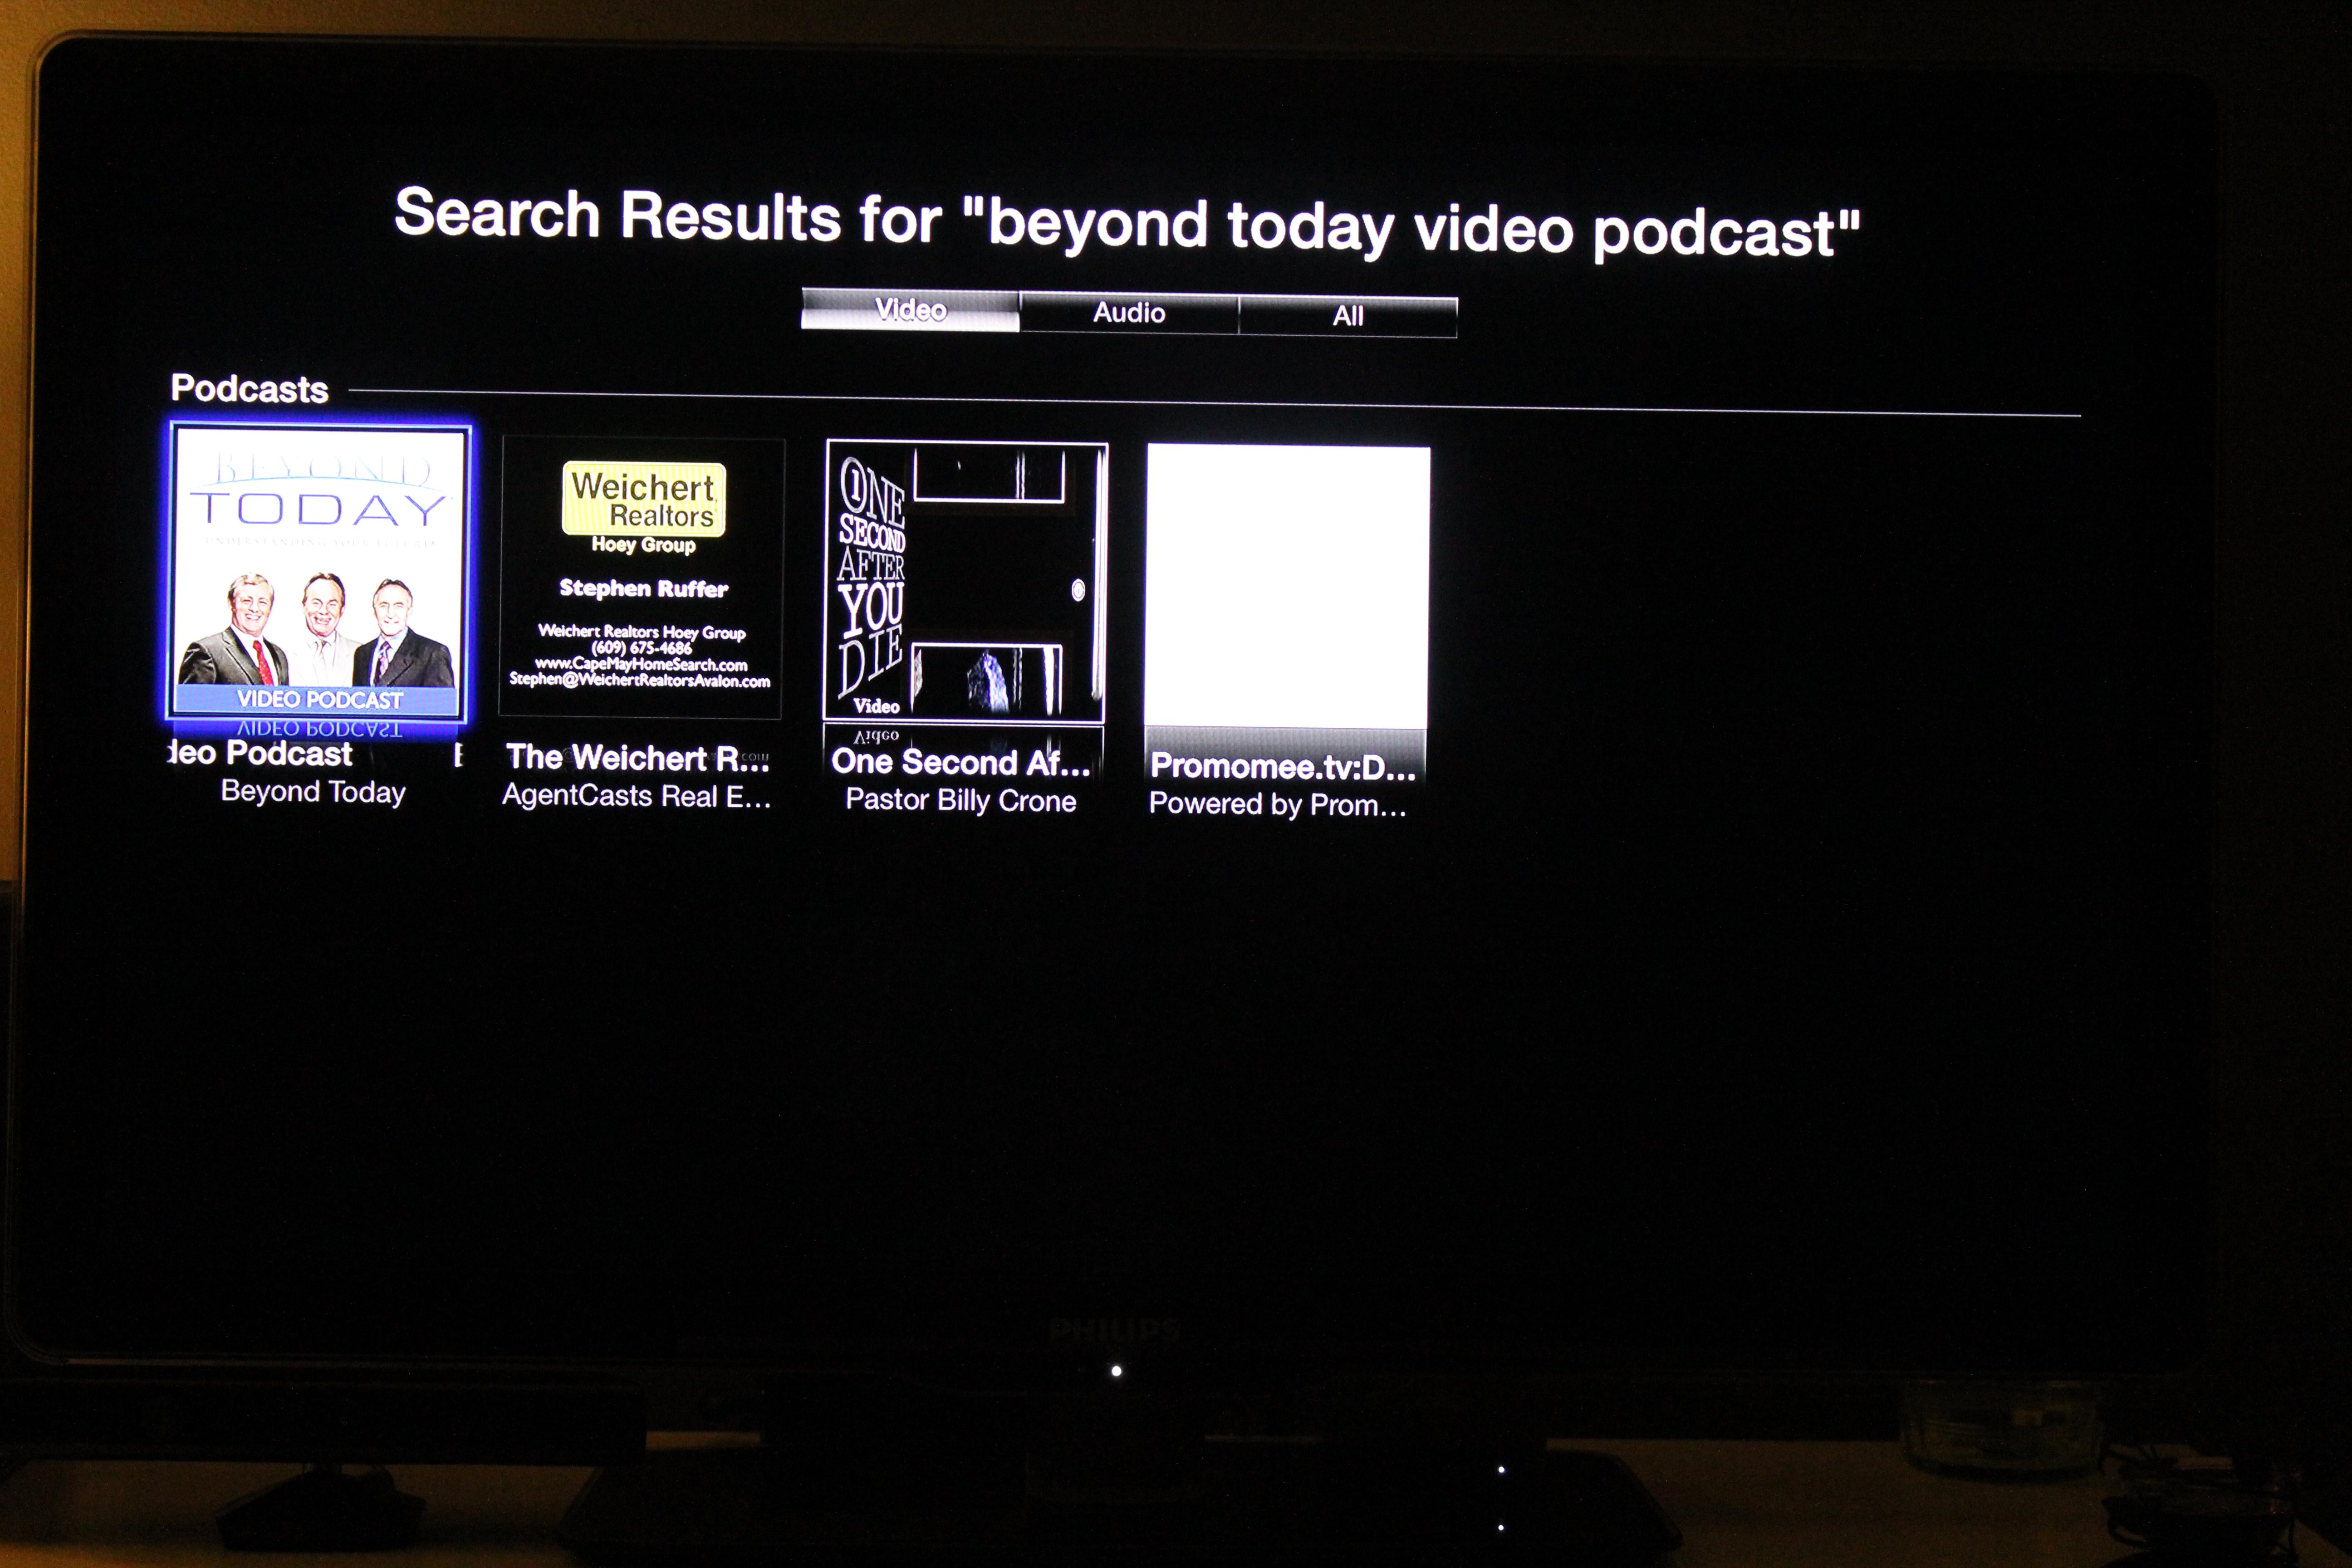 Select Beyond Today